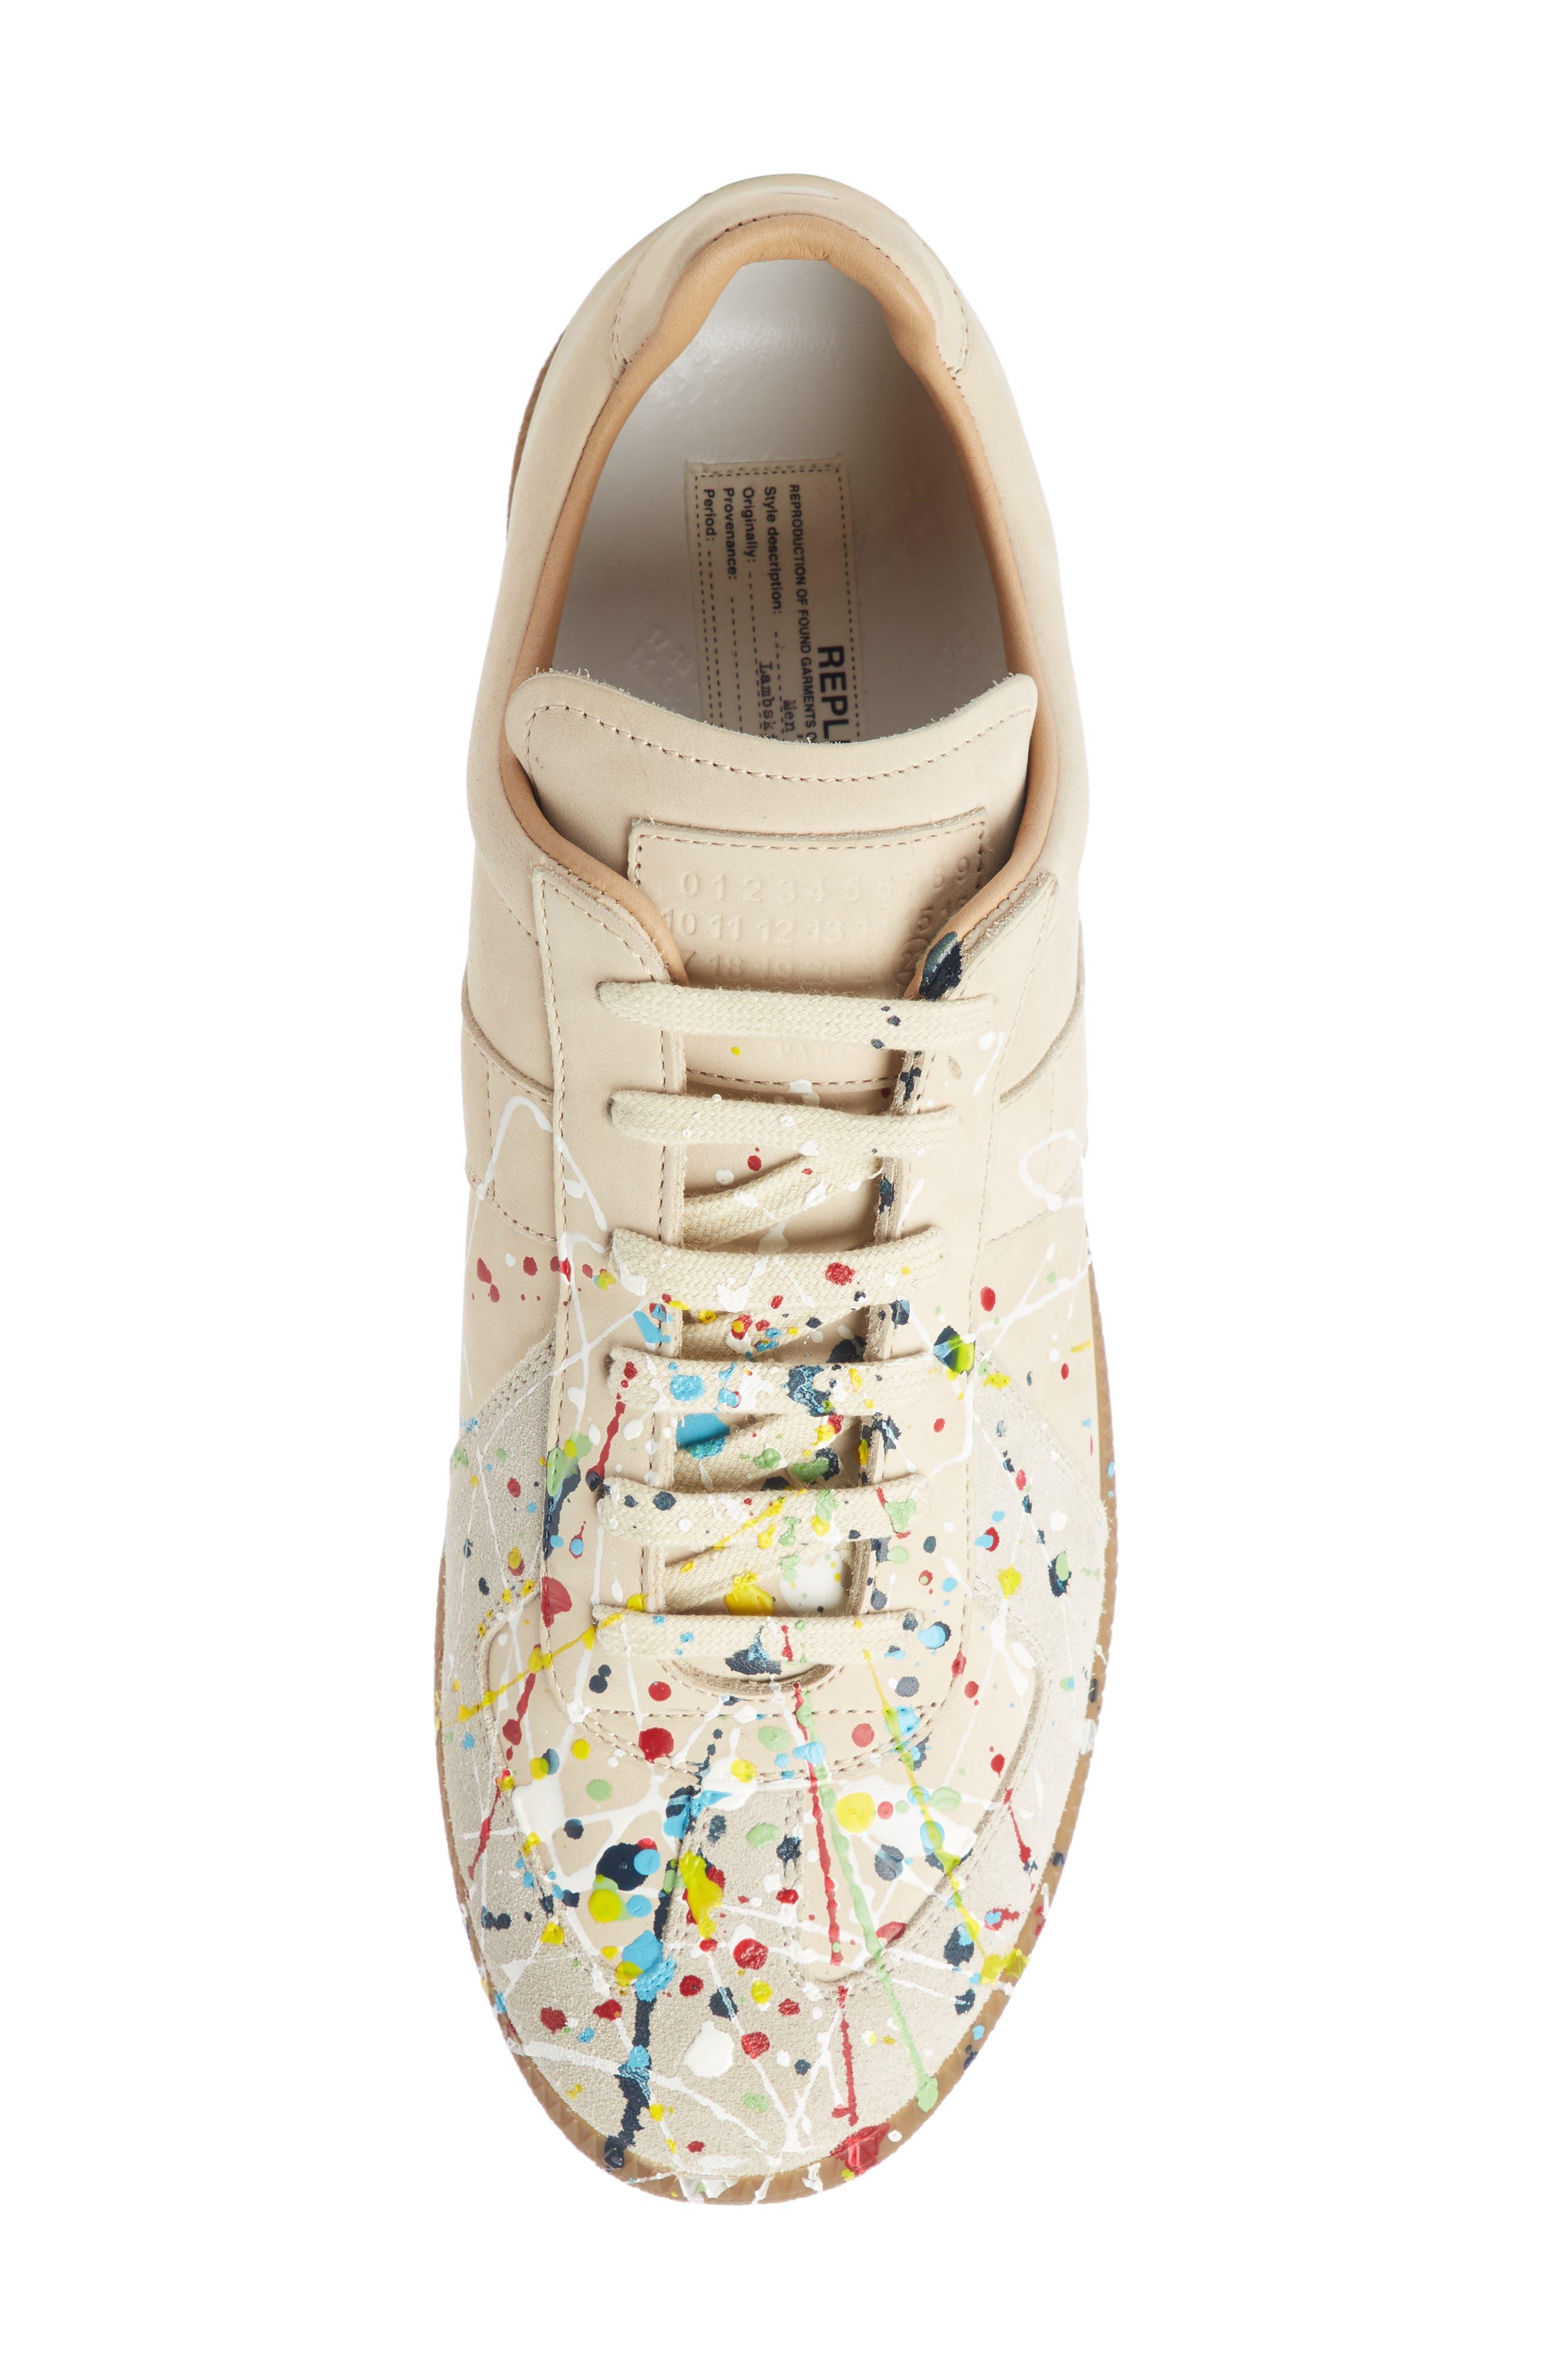 Maison Margiela Replica Low Top Sneaker,                             Alternate thumbnail 4, color,                             BEIGE / PAINT